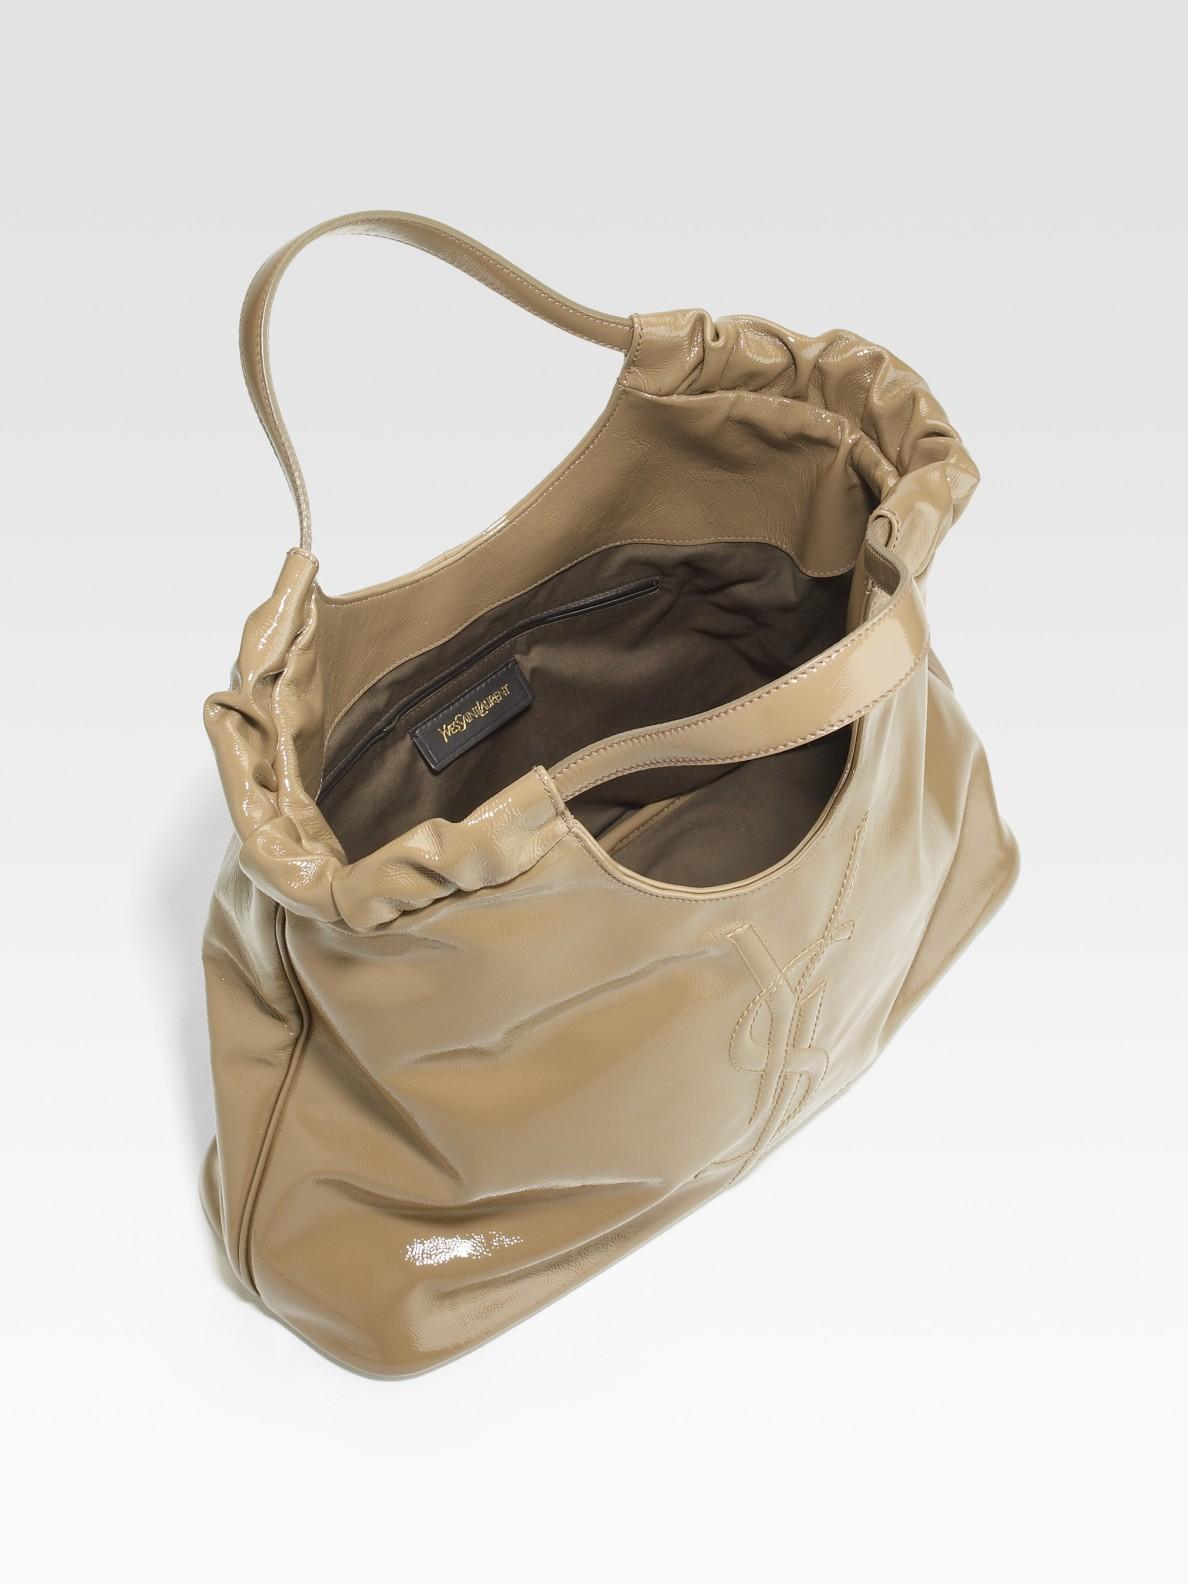 Saint laurent Ysl Belle De Jour Medium Patent Leather Shopping Bag ...